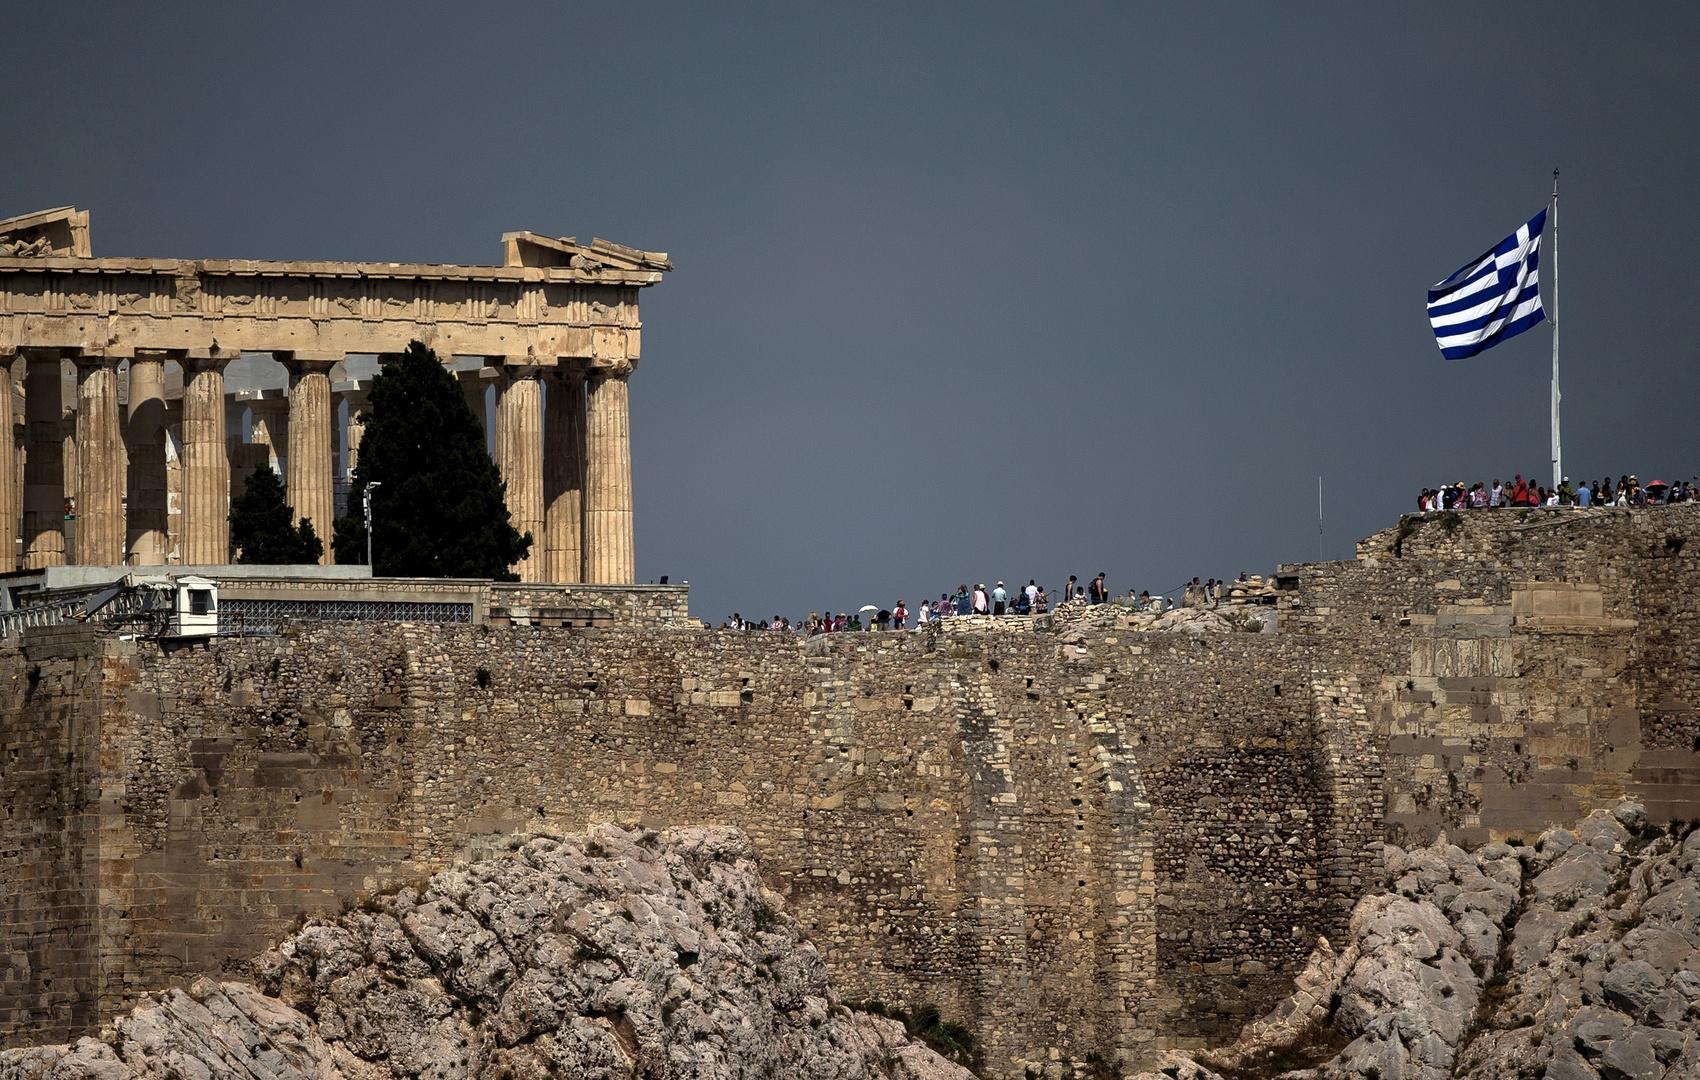 اليونان تدين قرار تركيا تمديد التنقيب في شرق المتوسط وتعلن عن أول رد لها